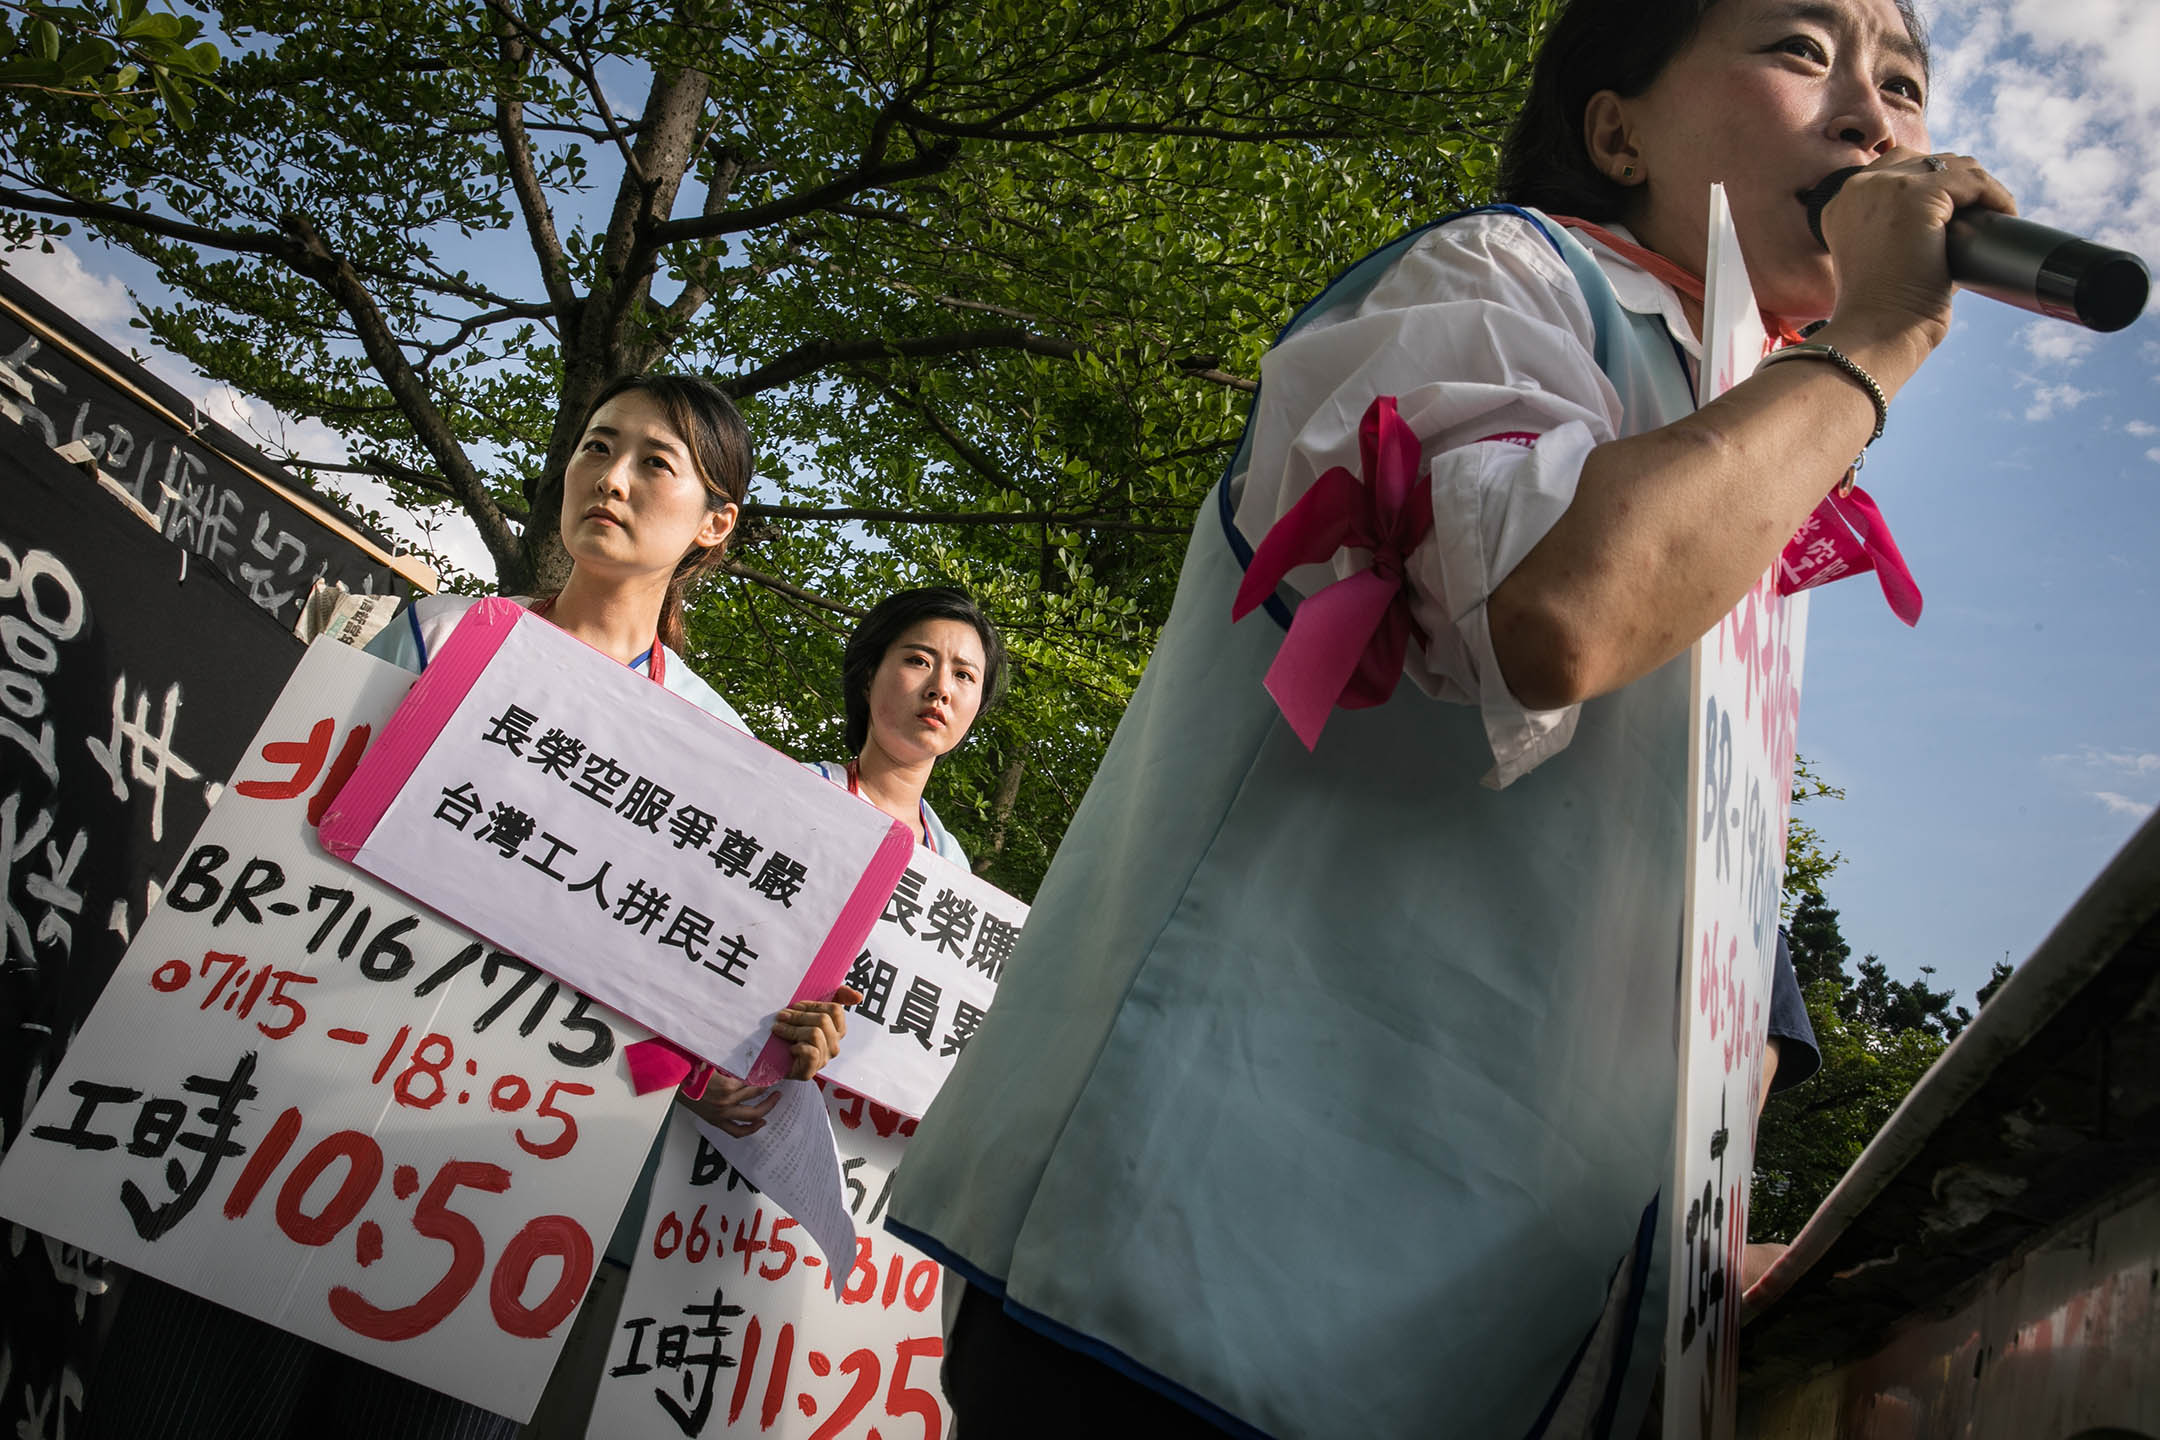 2019年6月4日凌晨4時起,廖以勤與長榮空服員工會代表曲佳雲、黃君婷在脖子掛著代表空服員過勞航班的牌子,於張榮發基金會外站立。